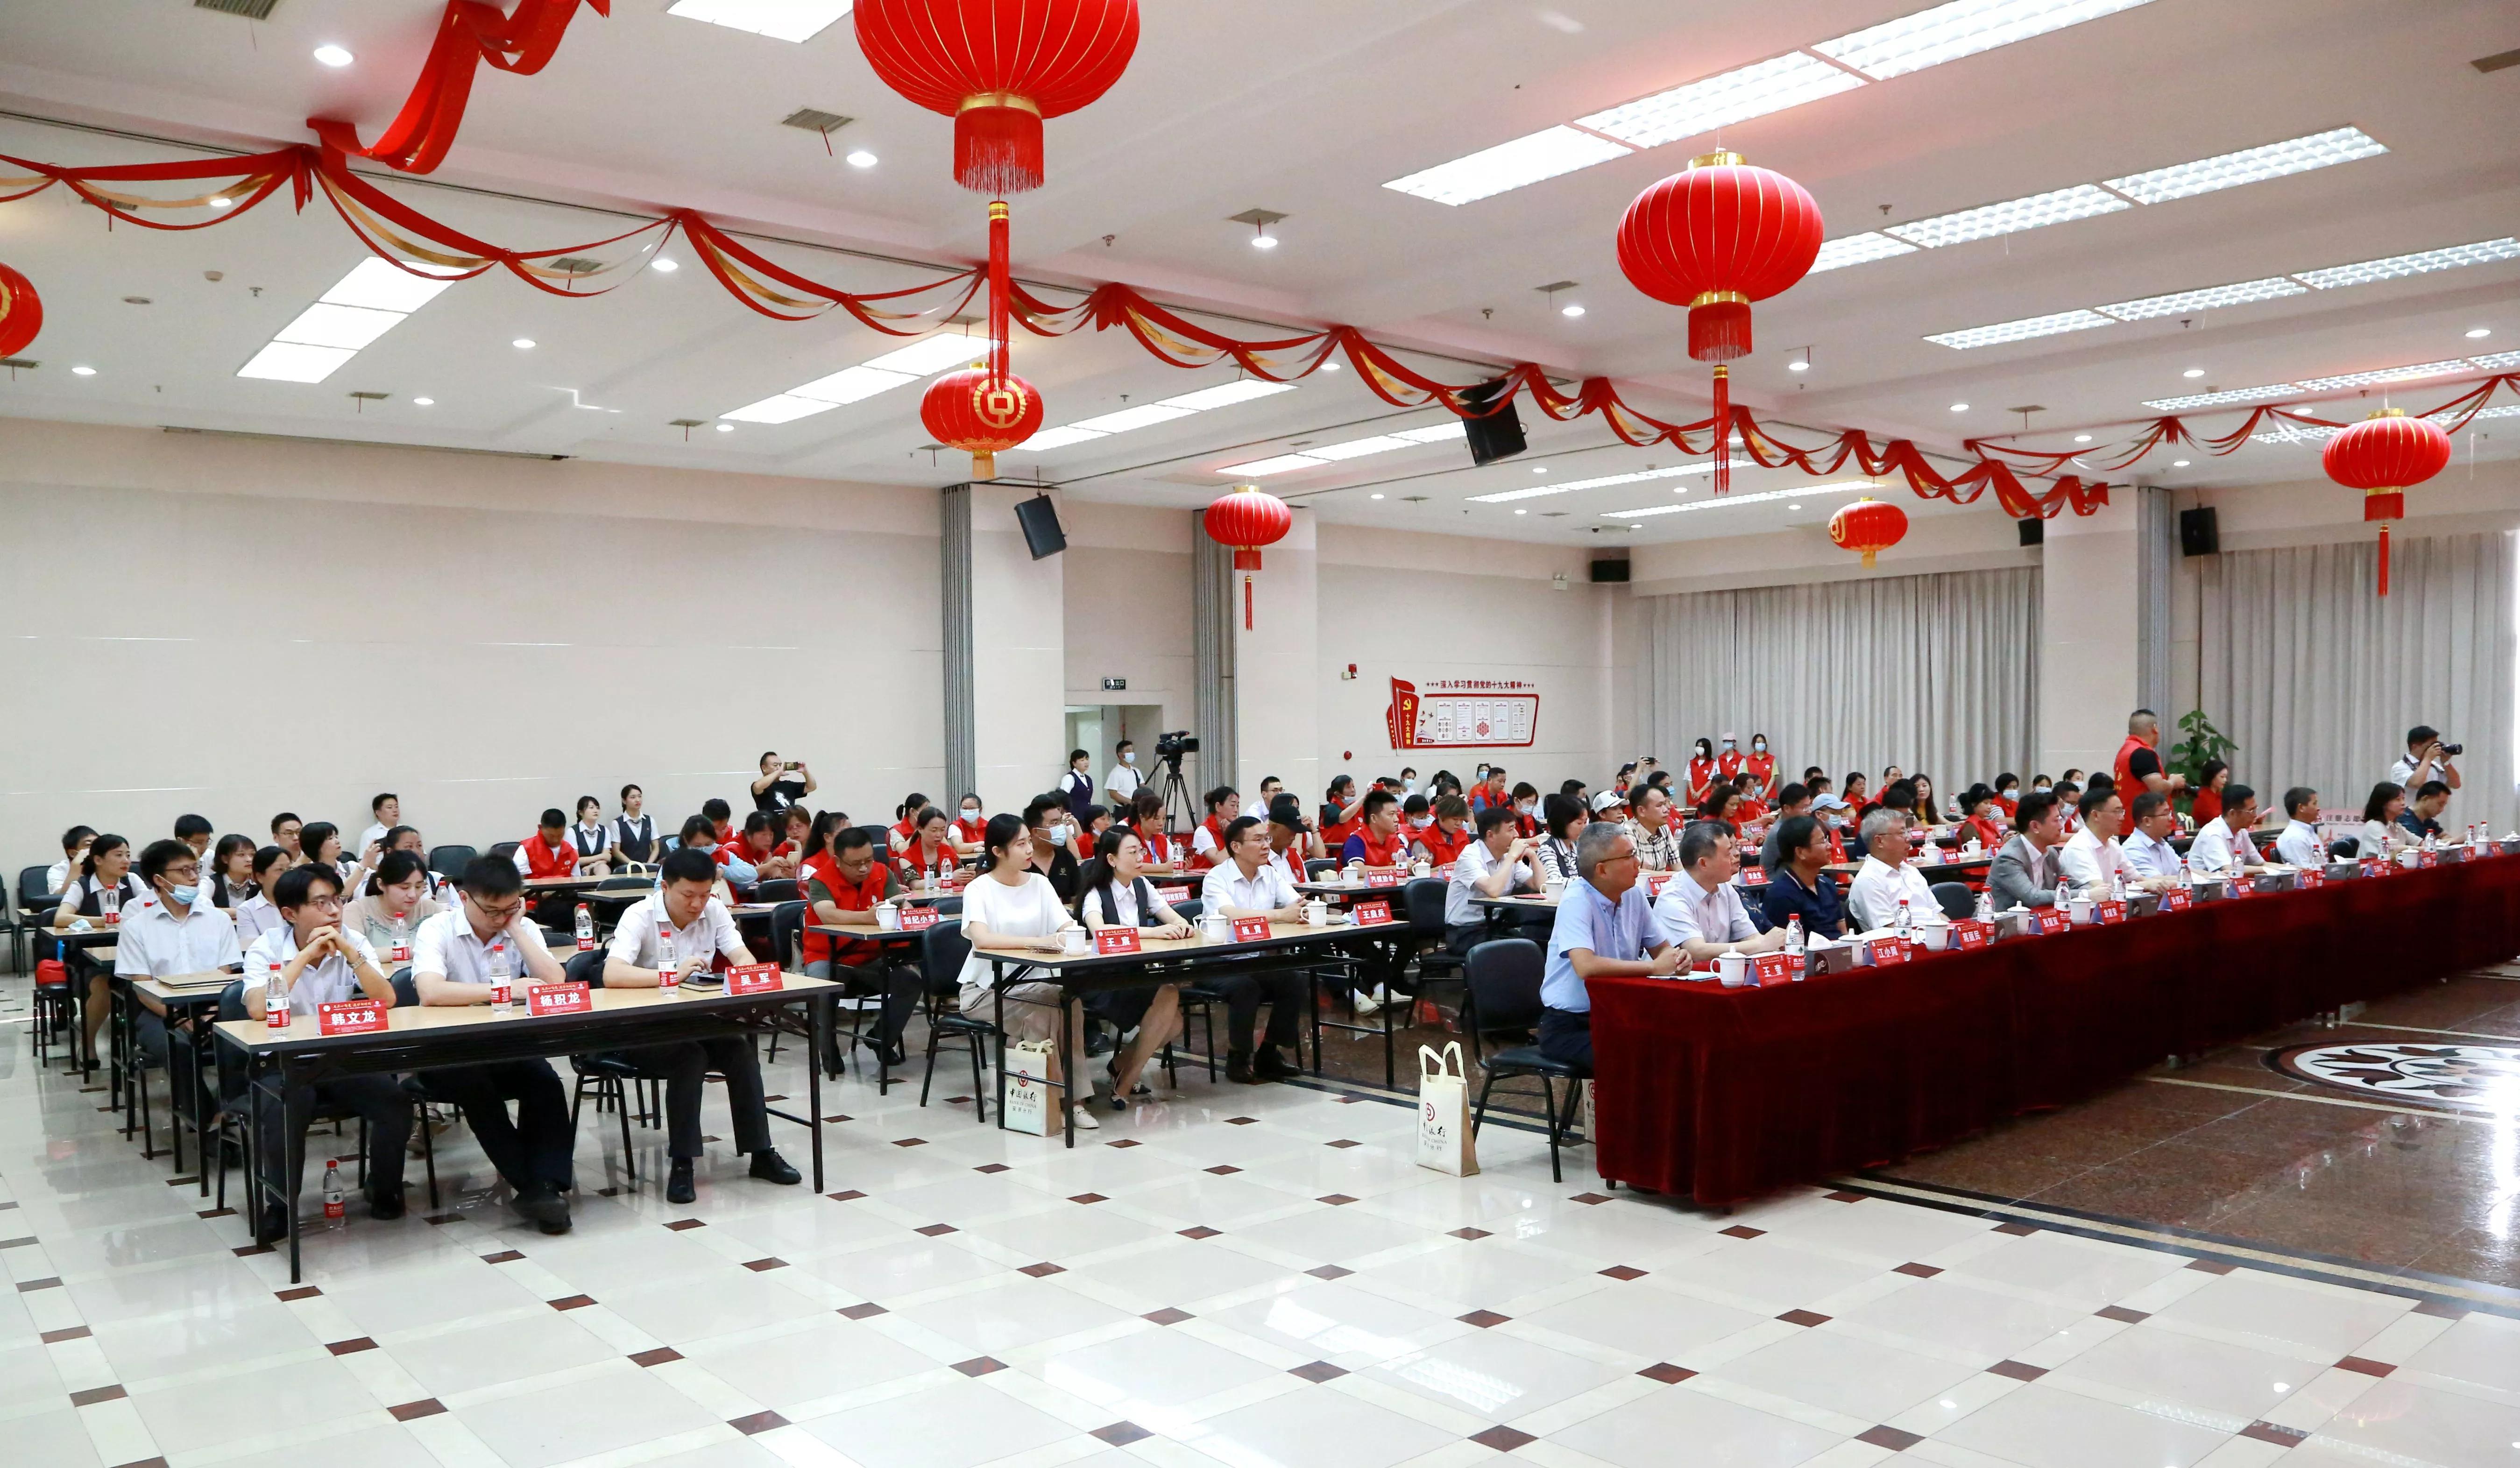 中银安庆志愿时间银行暨有戏安庆志愿服务项目启动仪式在宜城举行